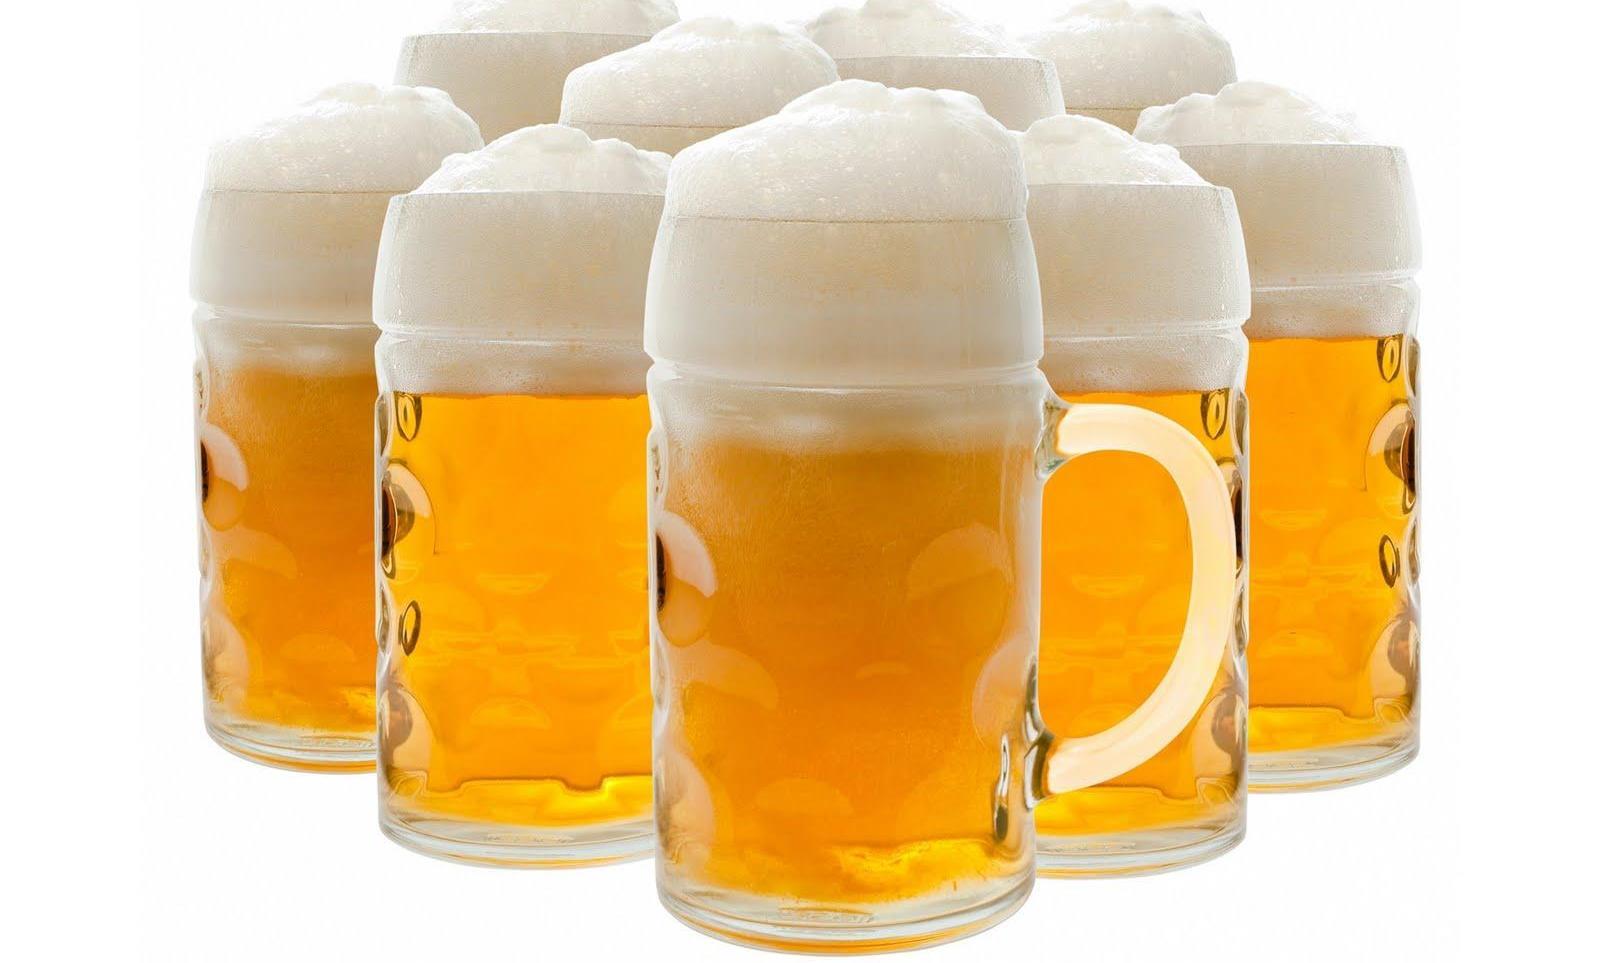 Cervezas te veo en madrid